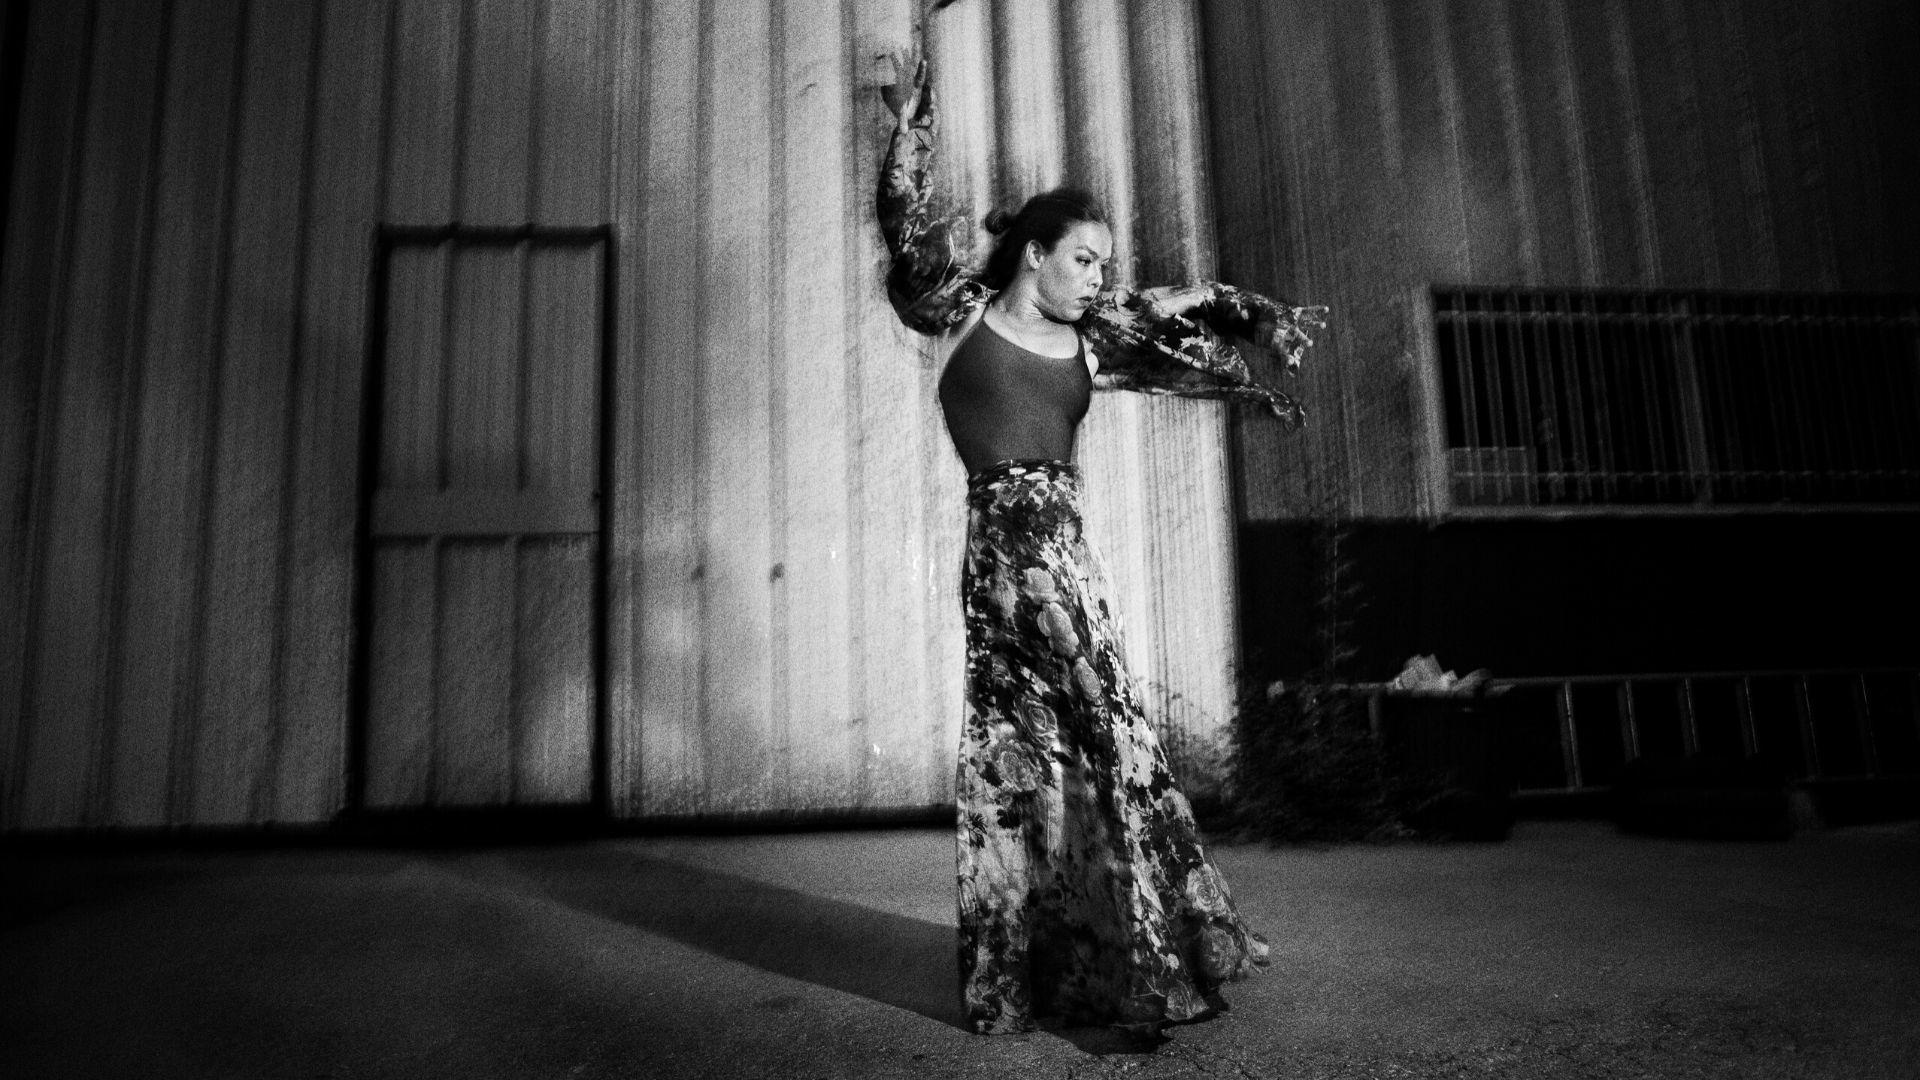 Une 9ème édition numérique pour les Vagamondes : Impulso, spectacle de flamenco par Rocío Molina